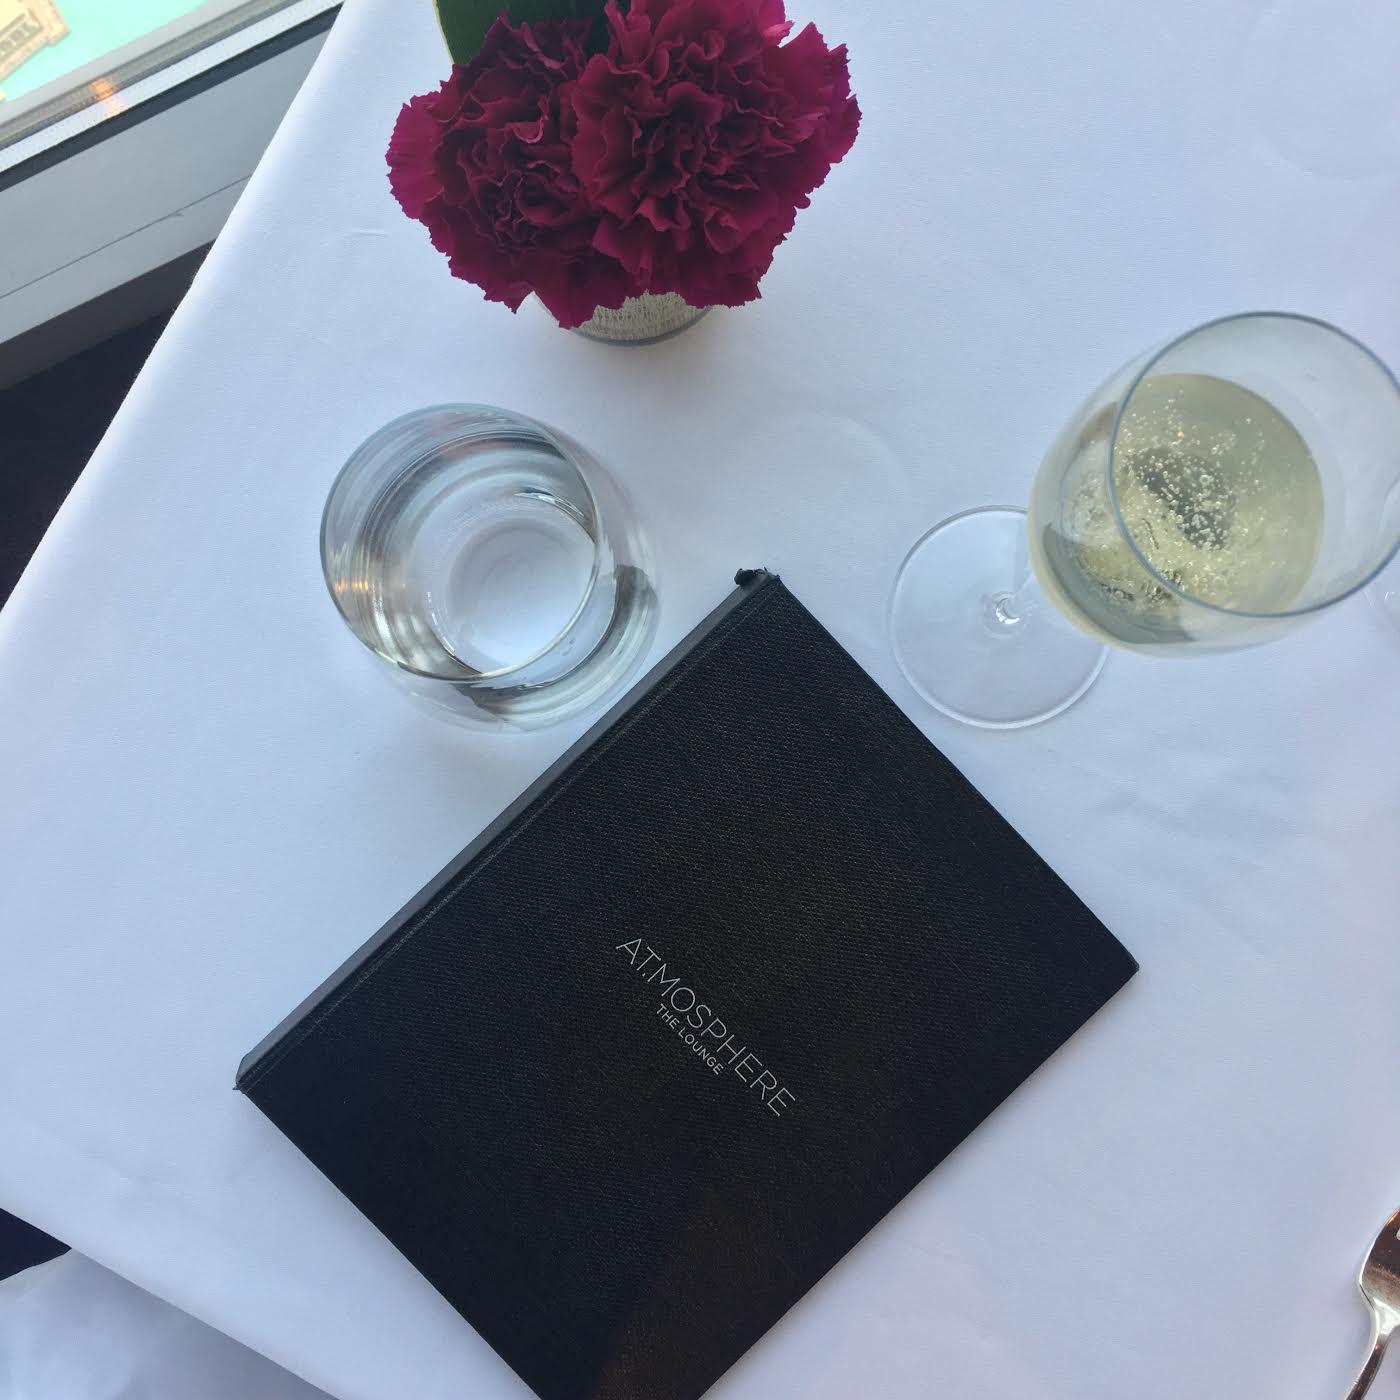 At.Mosphere menu